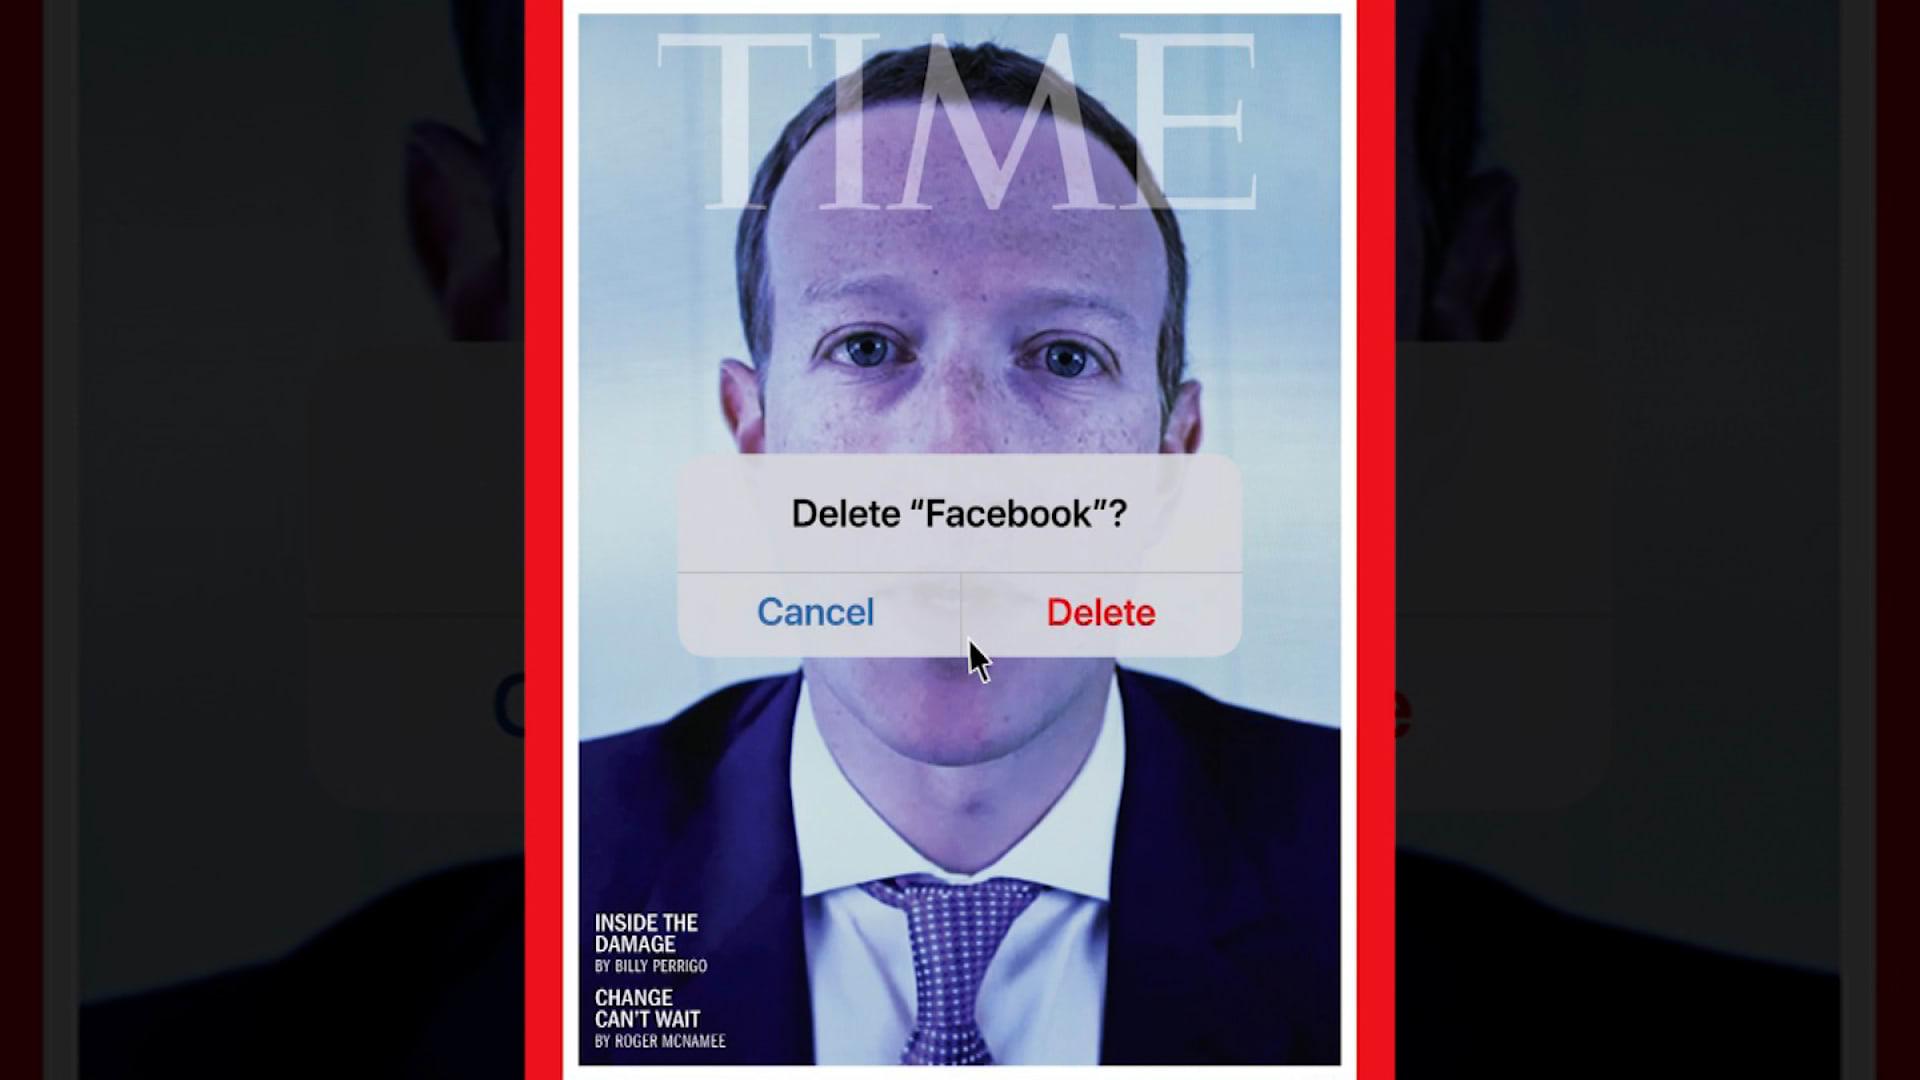 """""""حذف فيسبوك؟"""".. غلاف مجلة """"تايم"""" يلخص واحدًا من أسوأ أوقات زوكربيرغ thumbnail"""